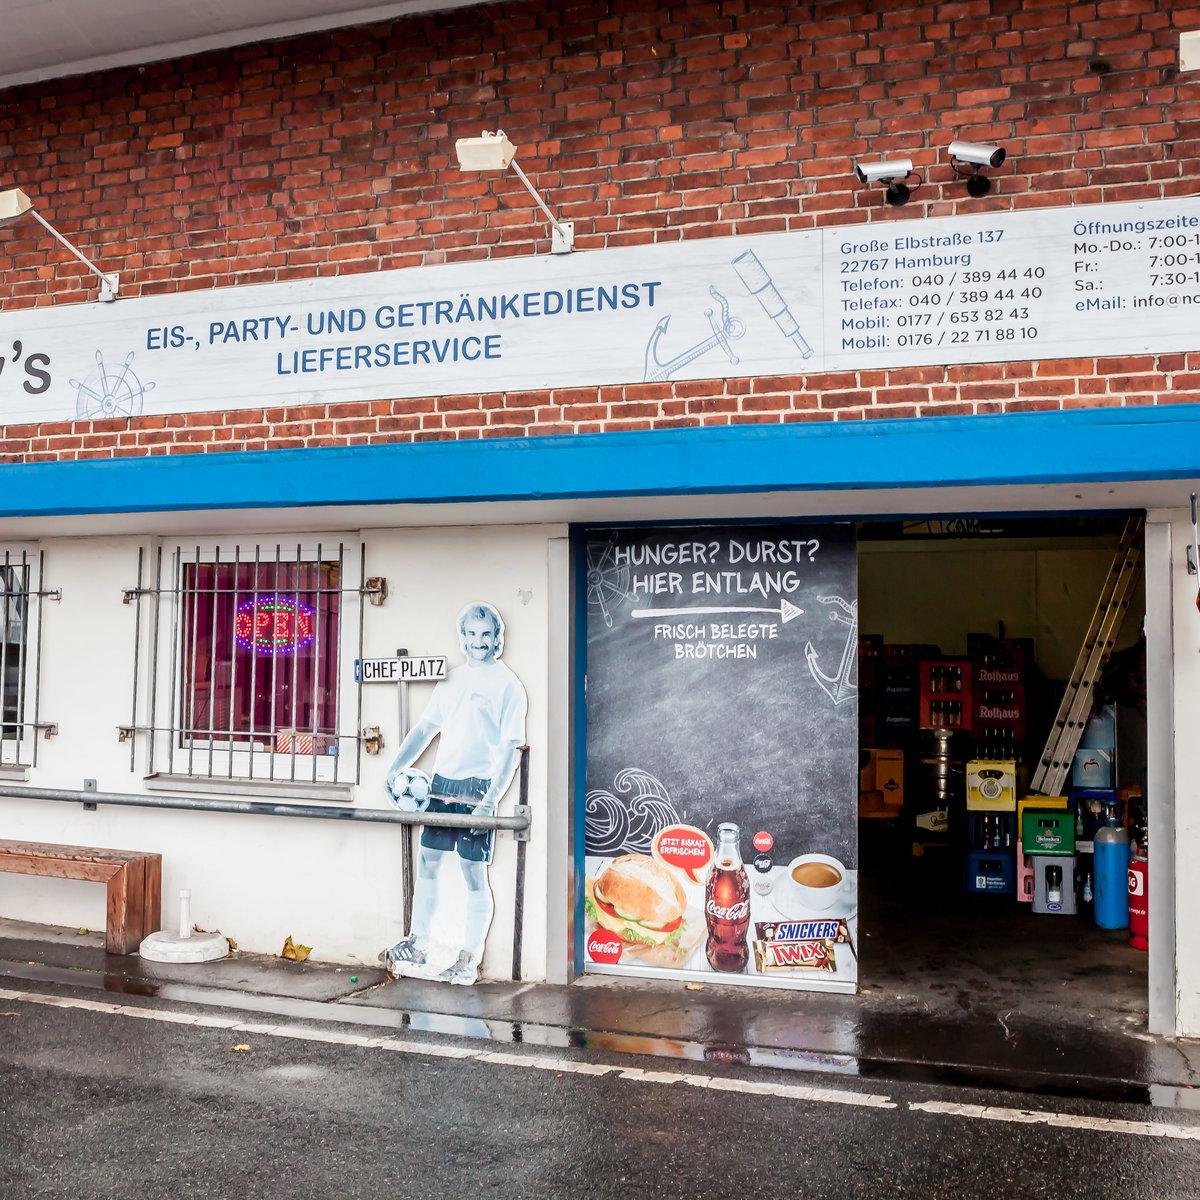 Nobby\'s Eis- und Getränkedienst - Getränkeservice in Hamburg